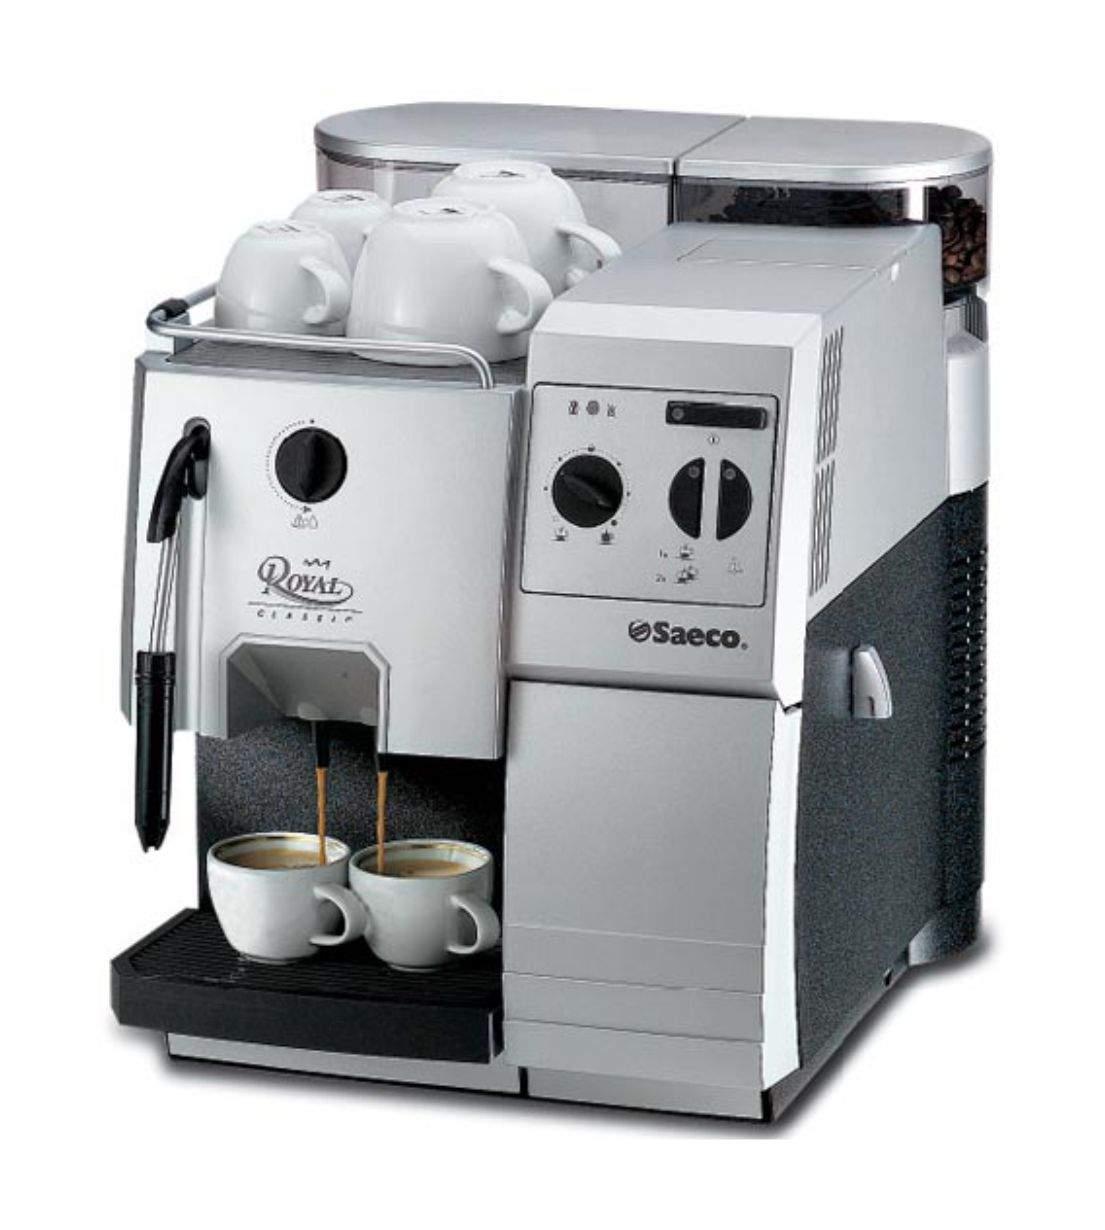 Кофеварка автоматическая Saeco Royal Classic б/у